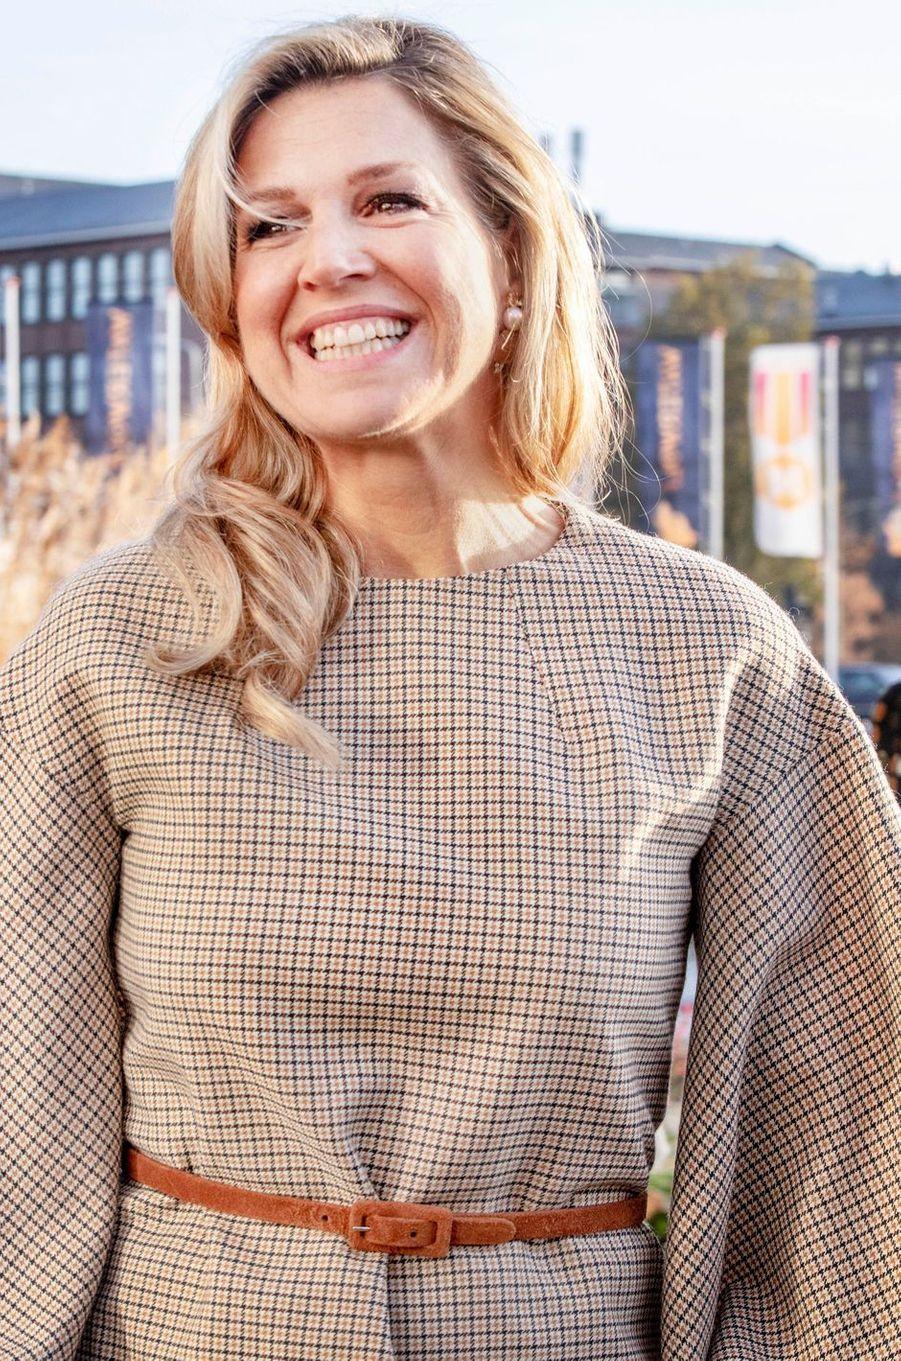 La reine Maxima des Pays-Bas tout sourire à La Haye, le 14 novembre 2018